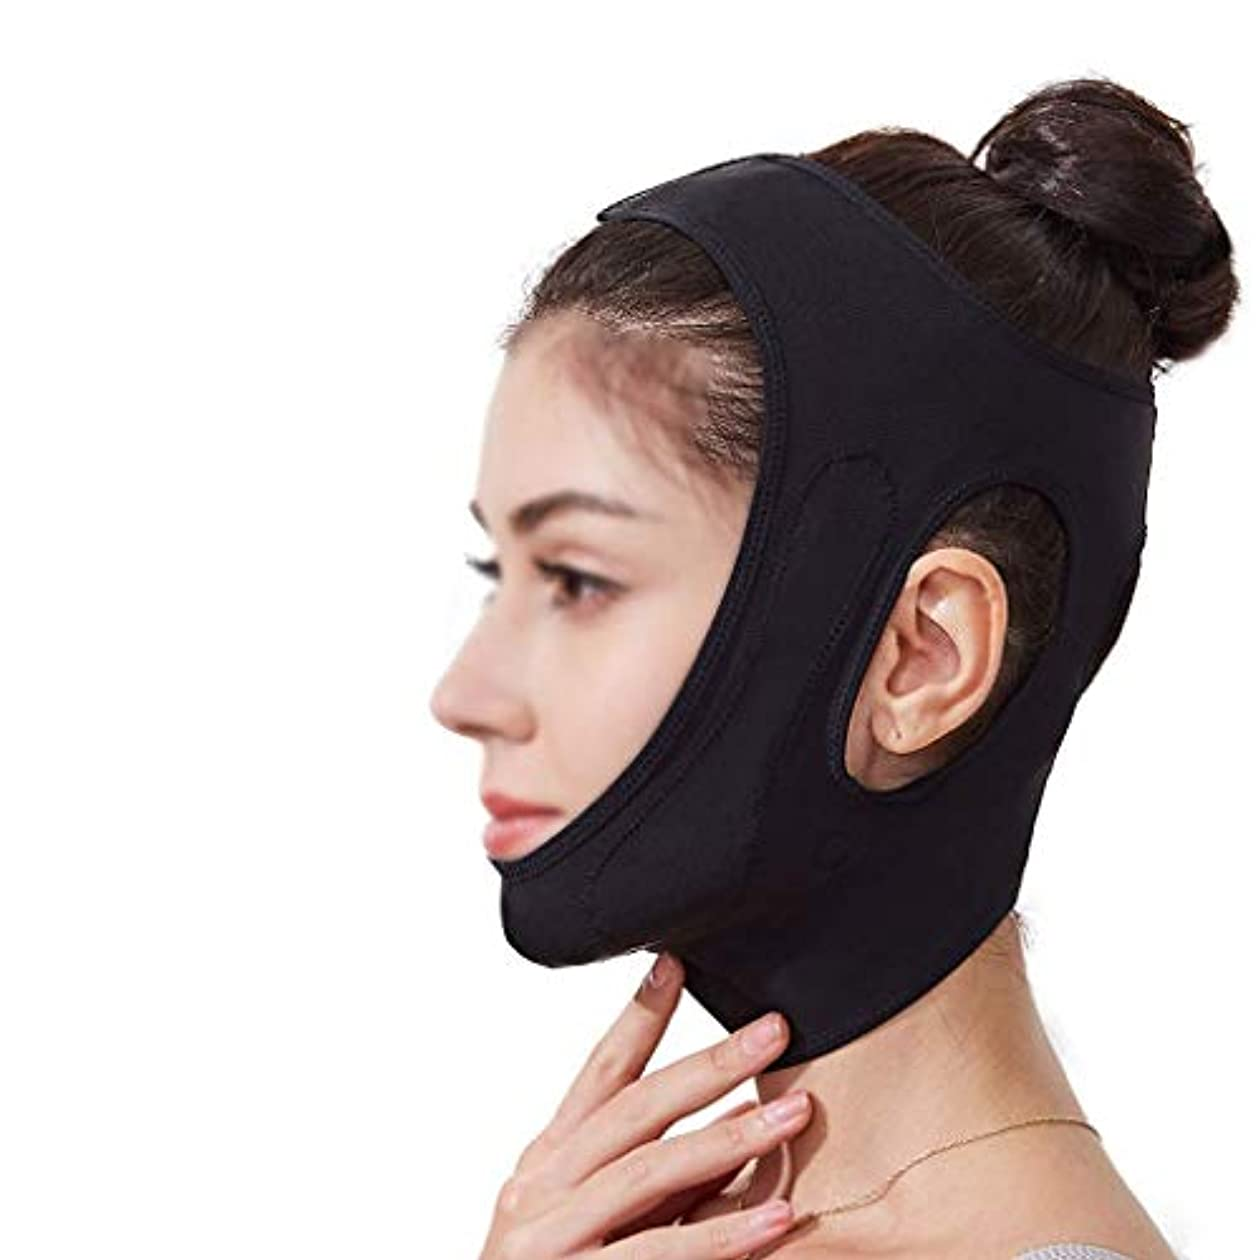 ばかダイジェスト製造フェイスリフティングバンデージ、顔の頬V字型リフティングフェイスマスクしわの軽減ダブルチン快適な包帯で小さなVフェイスを作成(色:黒)